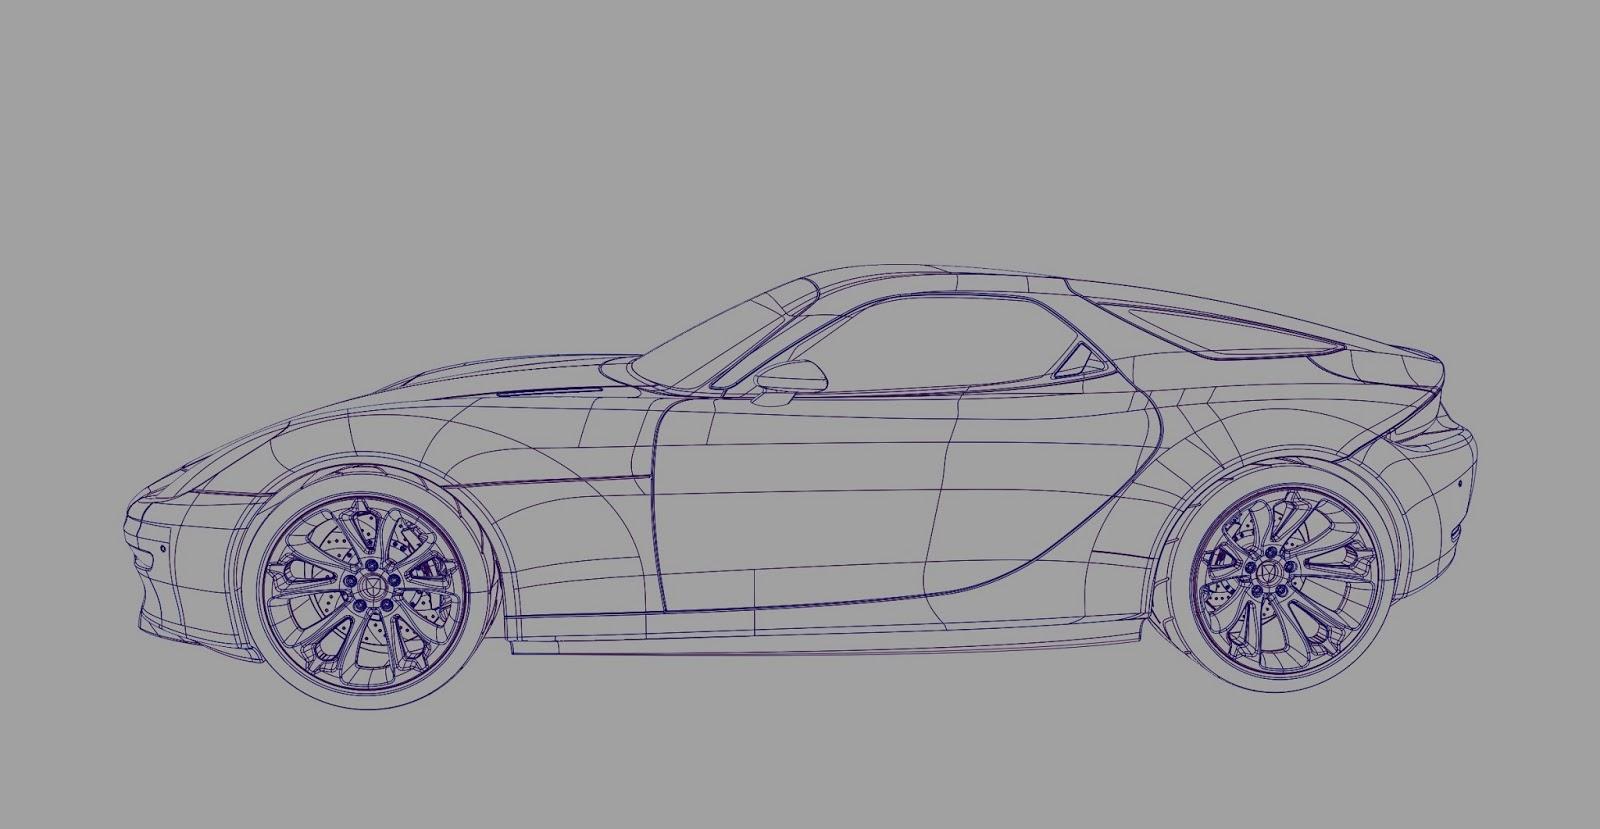 Landspeed Blog Porsche 921 Vision Final Cad Model